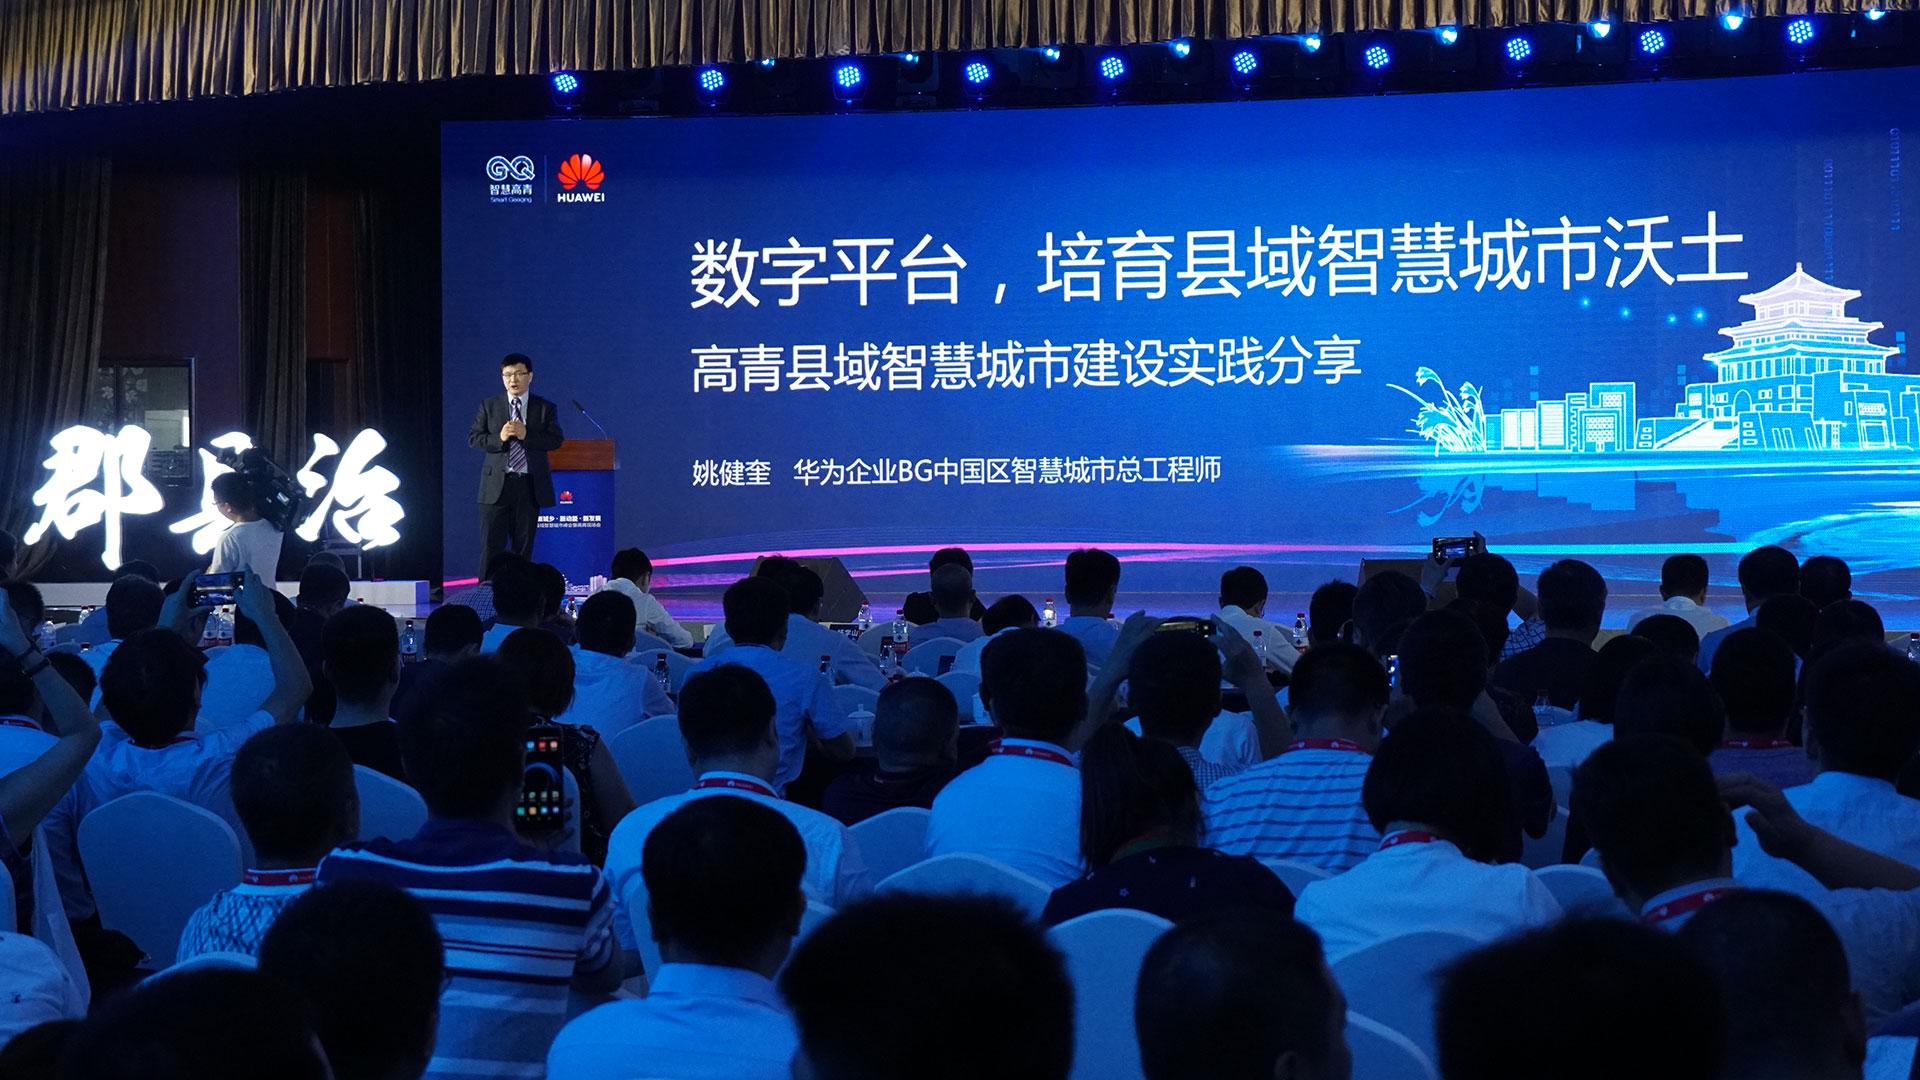 2019华为县域智慧城市峰会在高青开幕